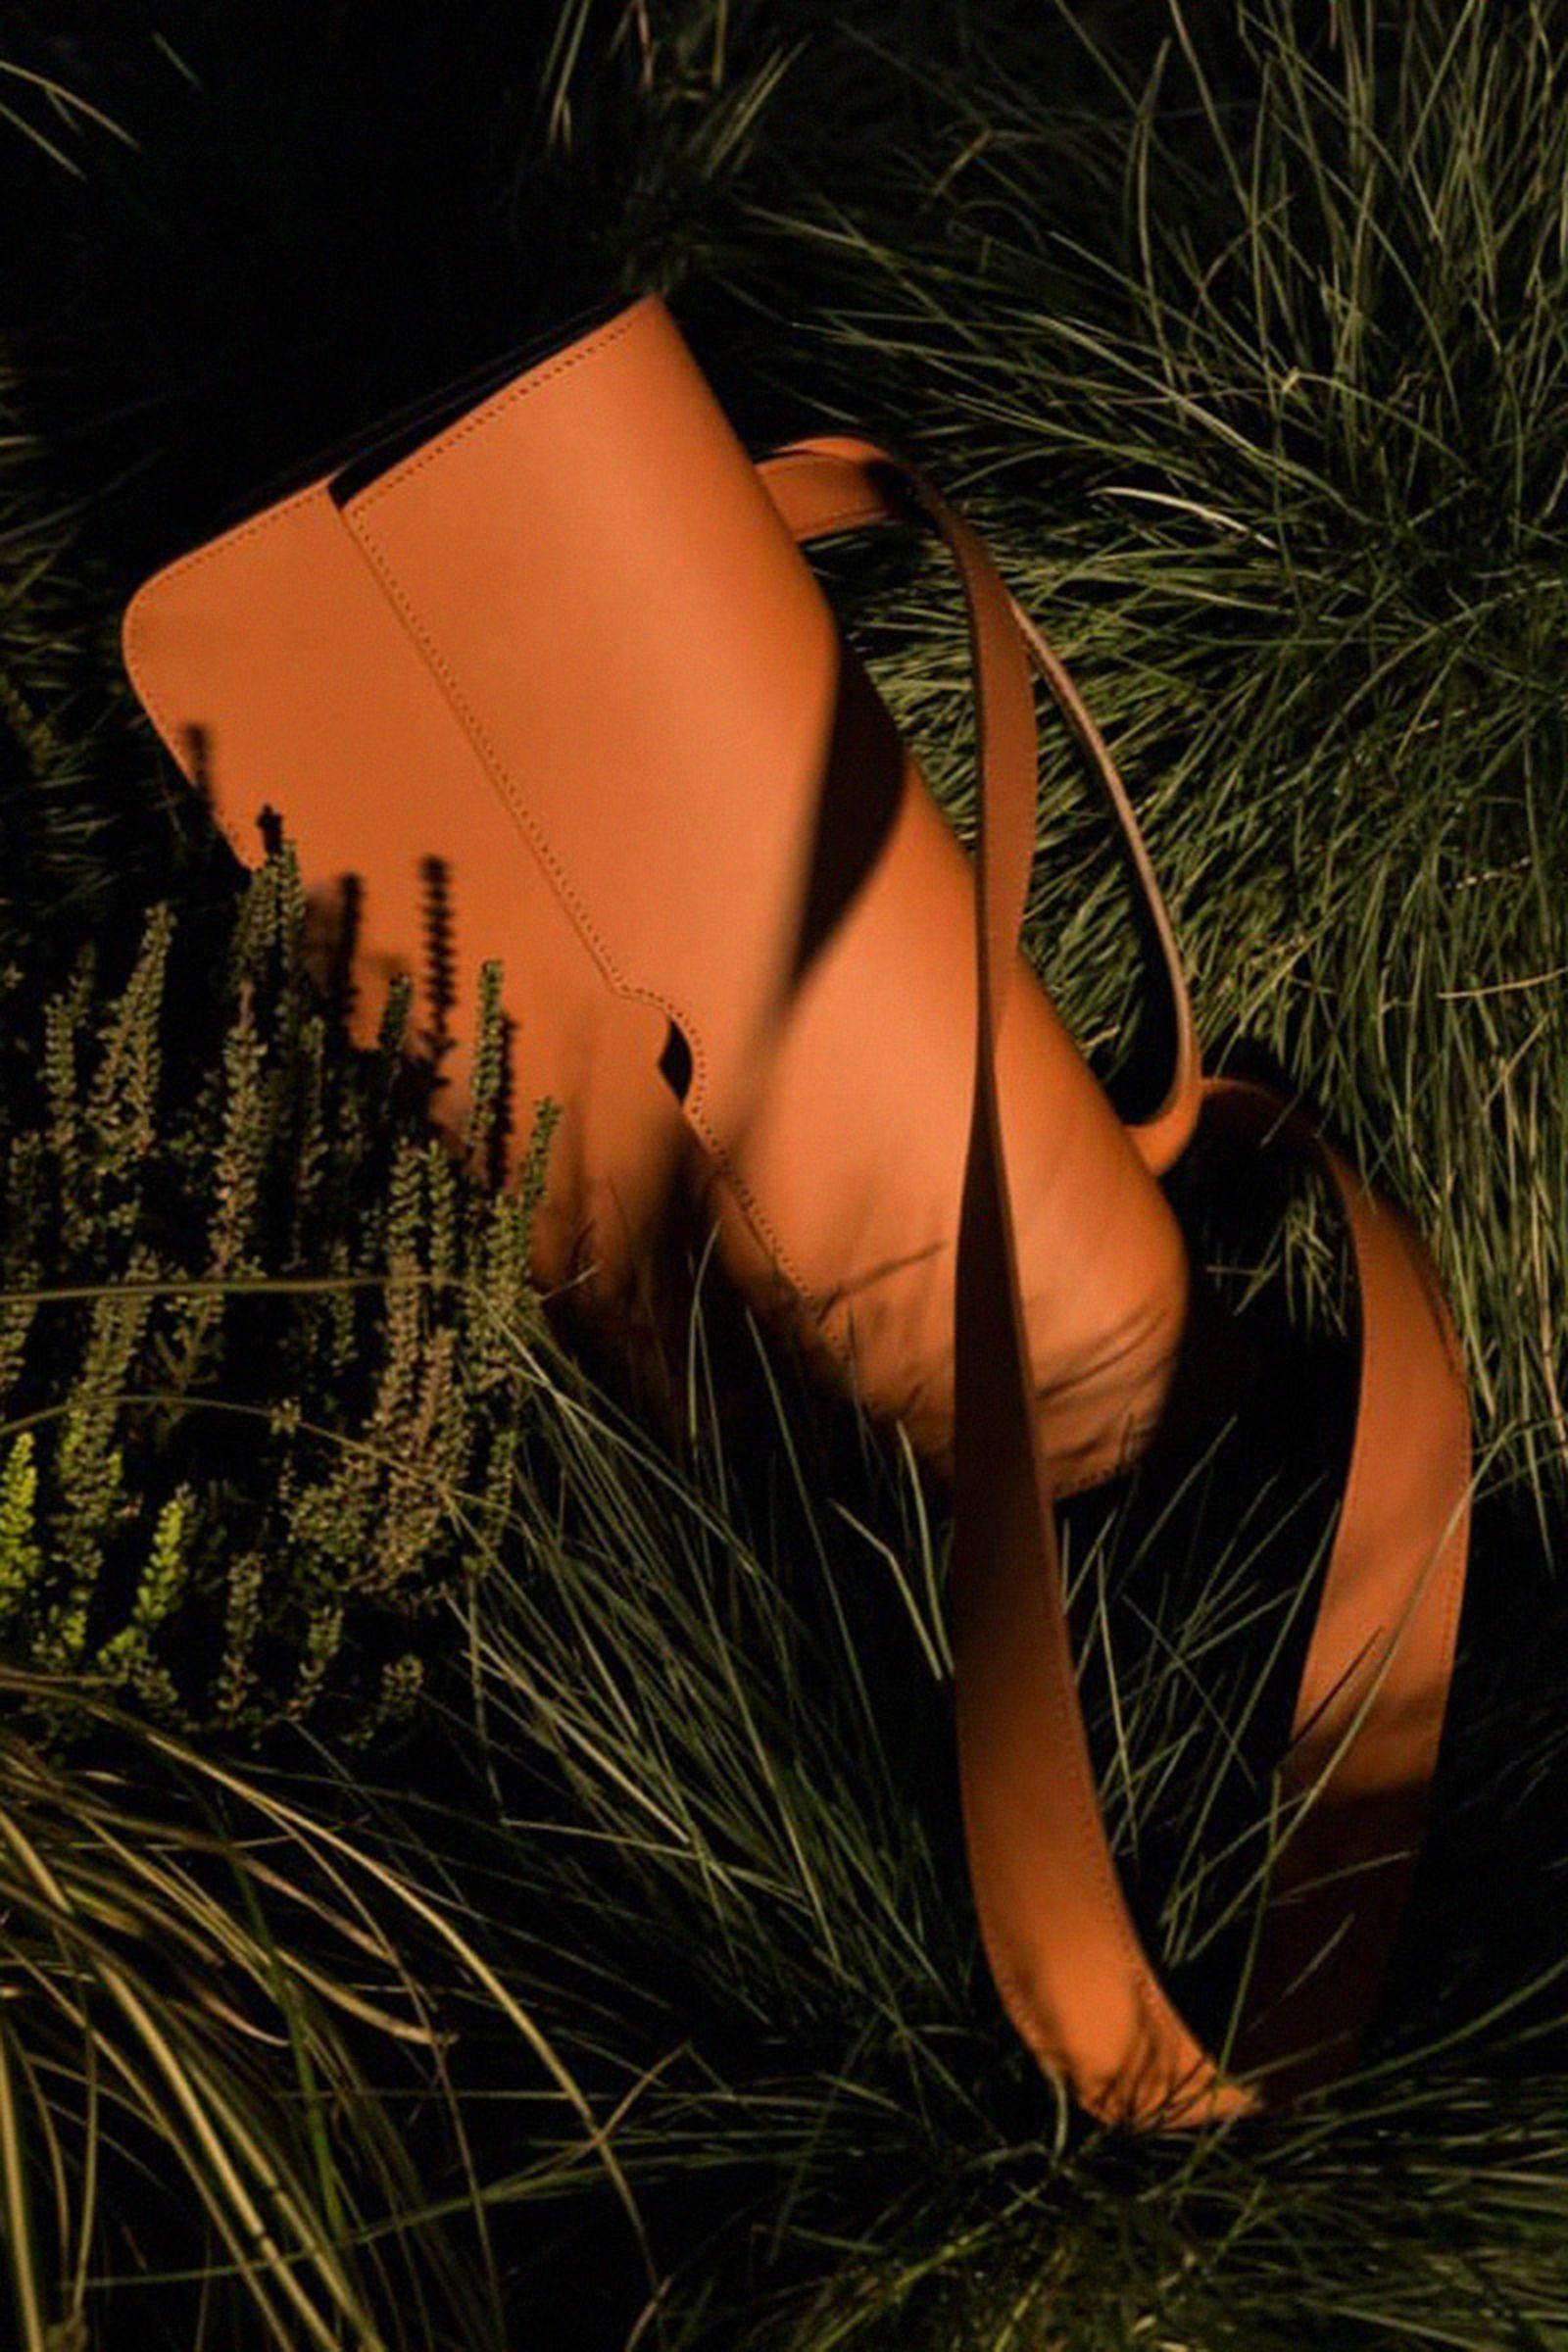 german clothing brands pb 0110 023c Adidas Boulezar